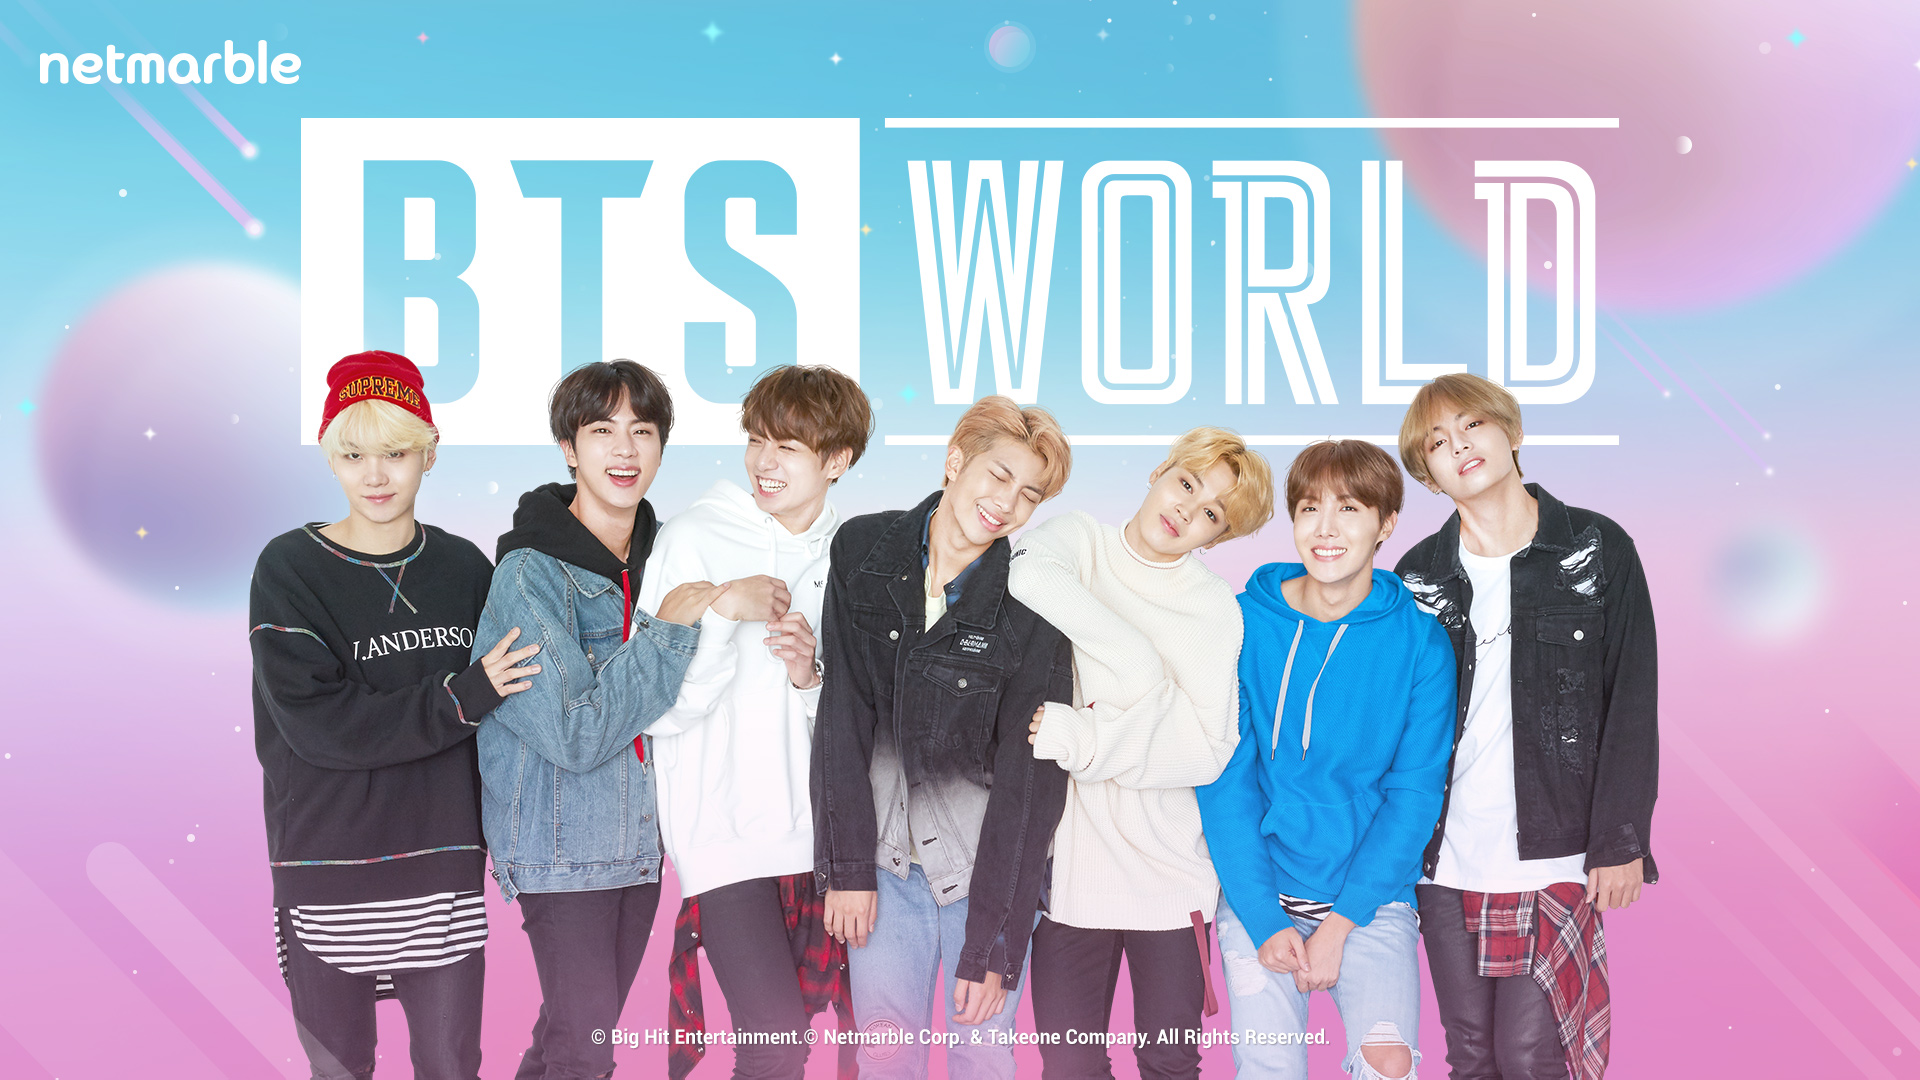 แฟนโอ๊บป้าได้เฮ! netmarble เปิดตัว BTS World เกมมือถือจำลองใช้ชีวิตบอยแบนด์แดนกิมจิ